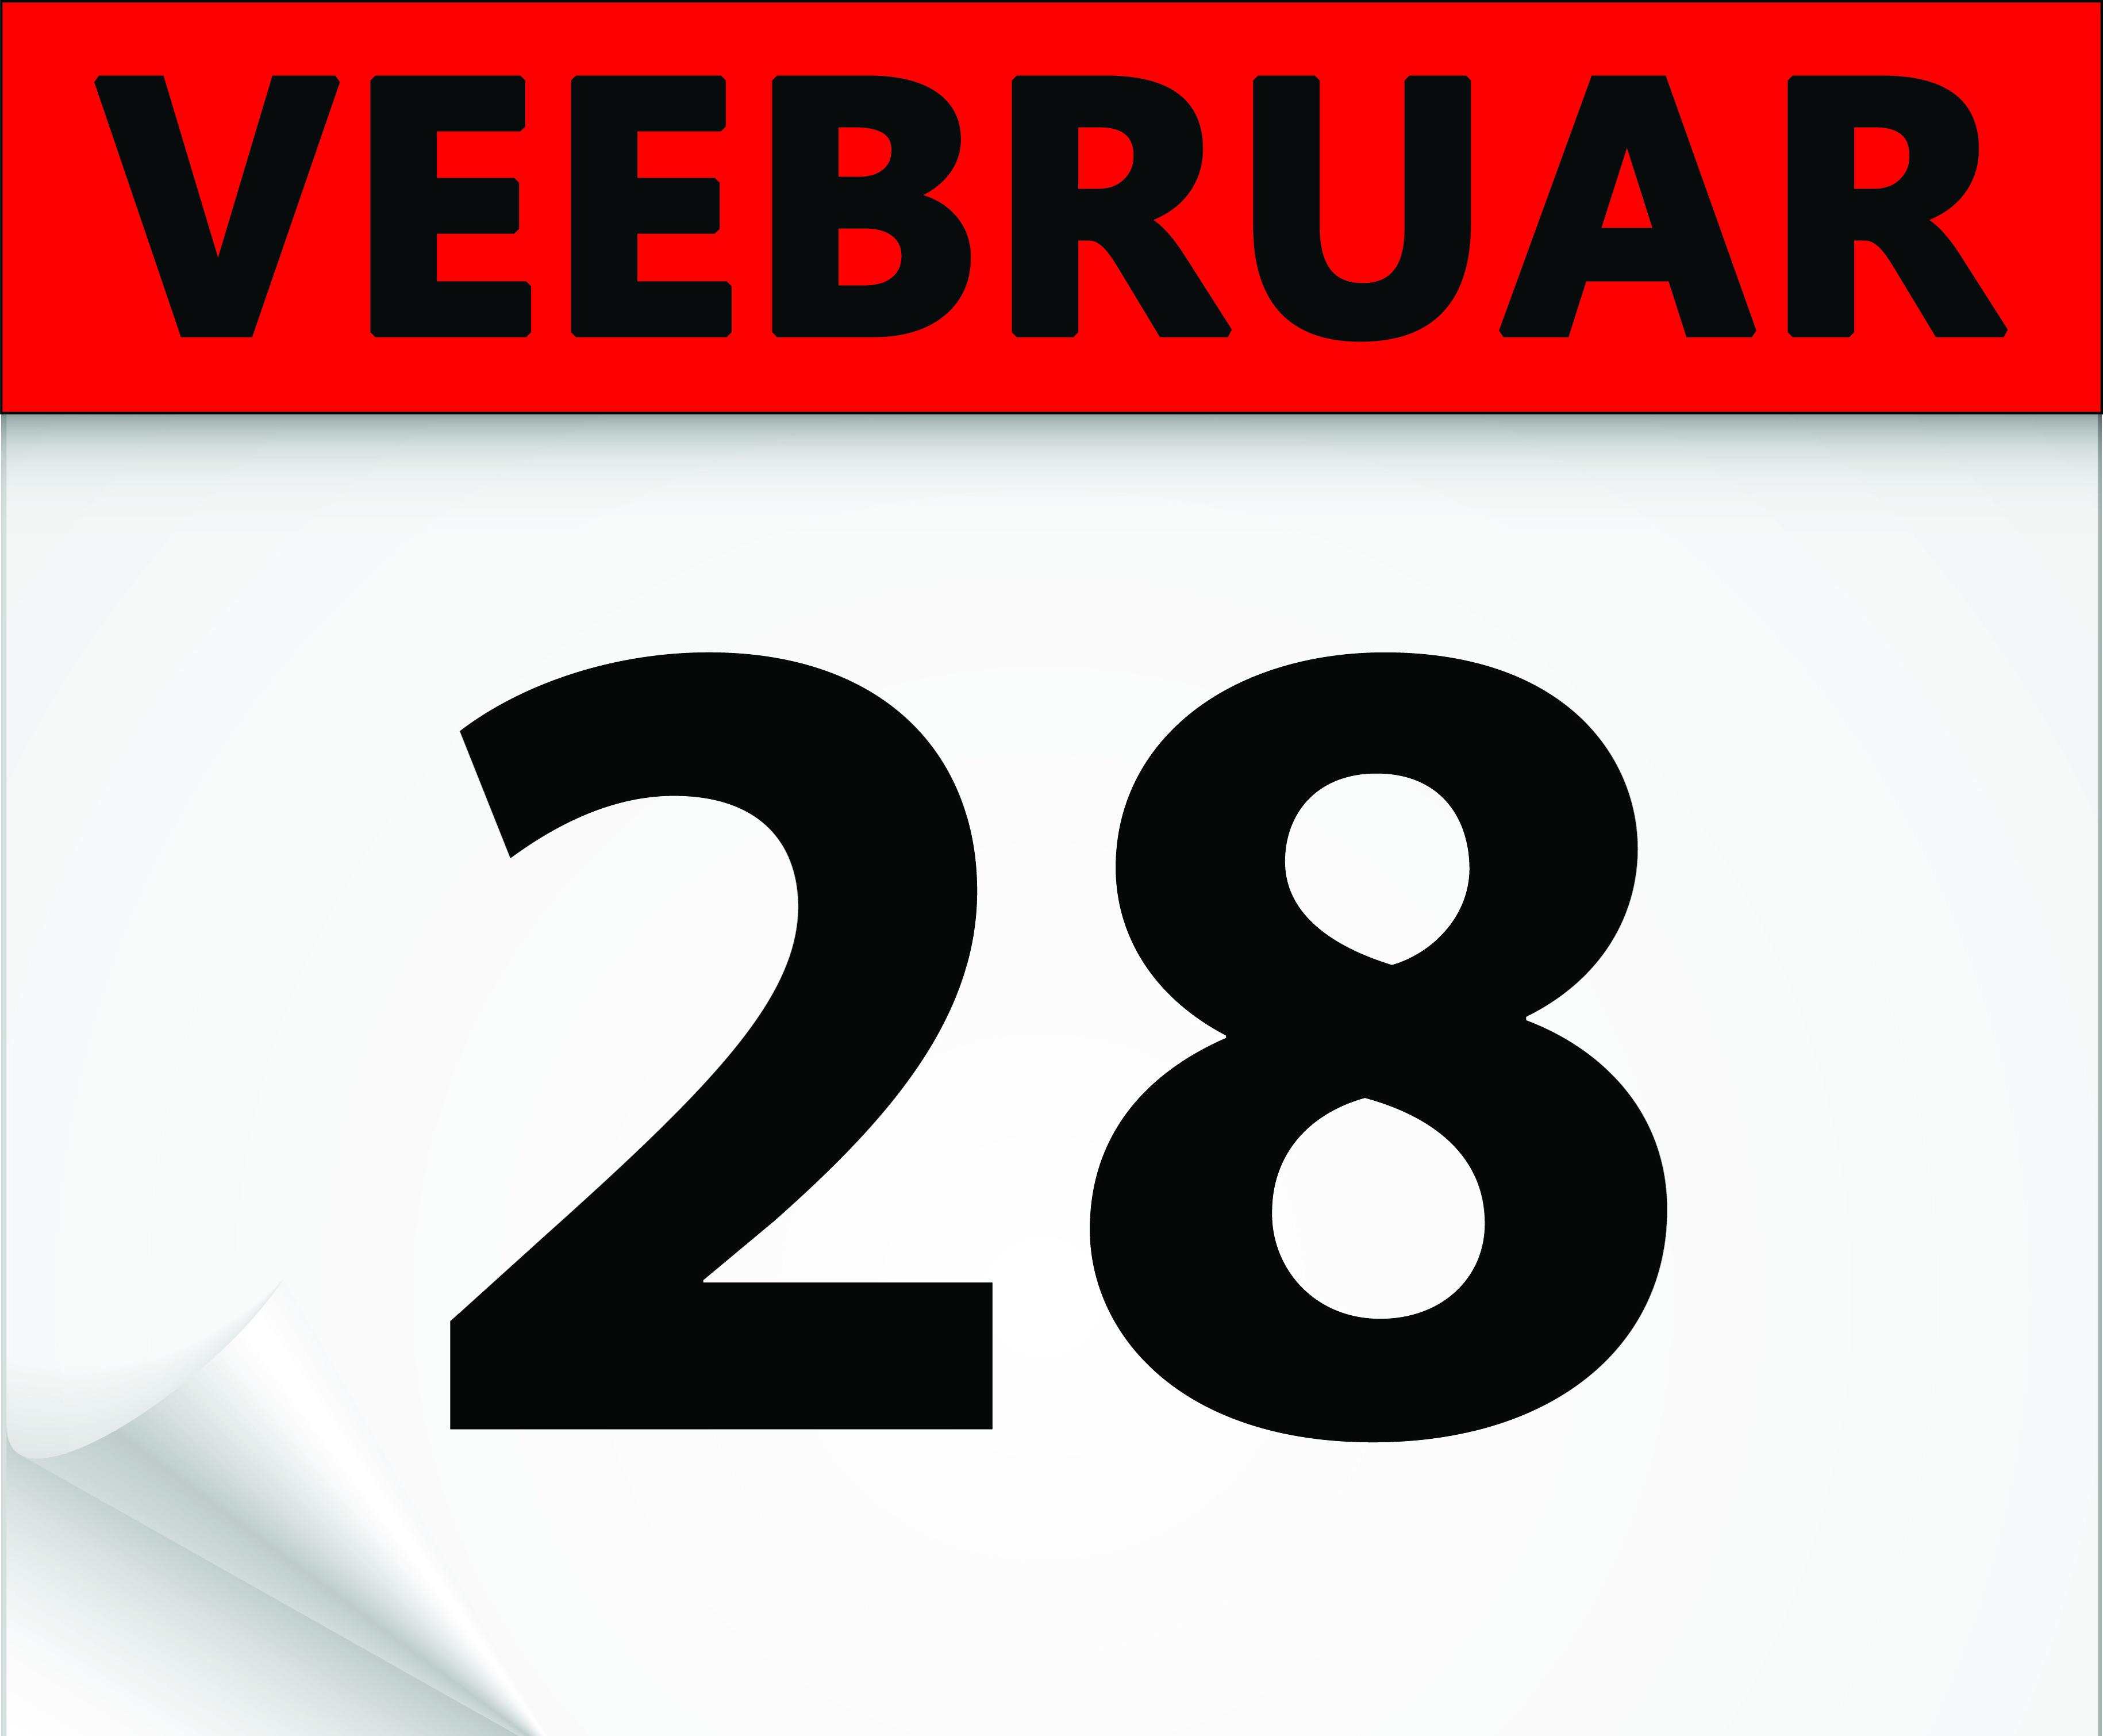 Lääne-Virumaa Kossuliiga mängijate lisaregistreerimine lõppeb 28. veebruaril 2017